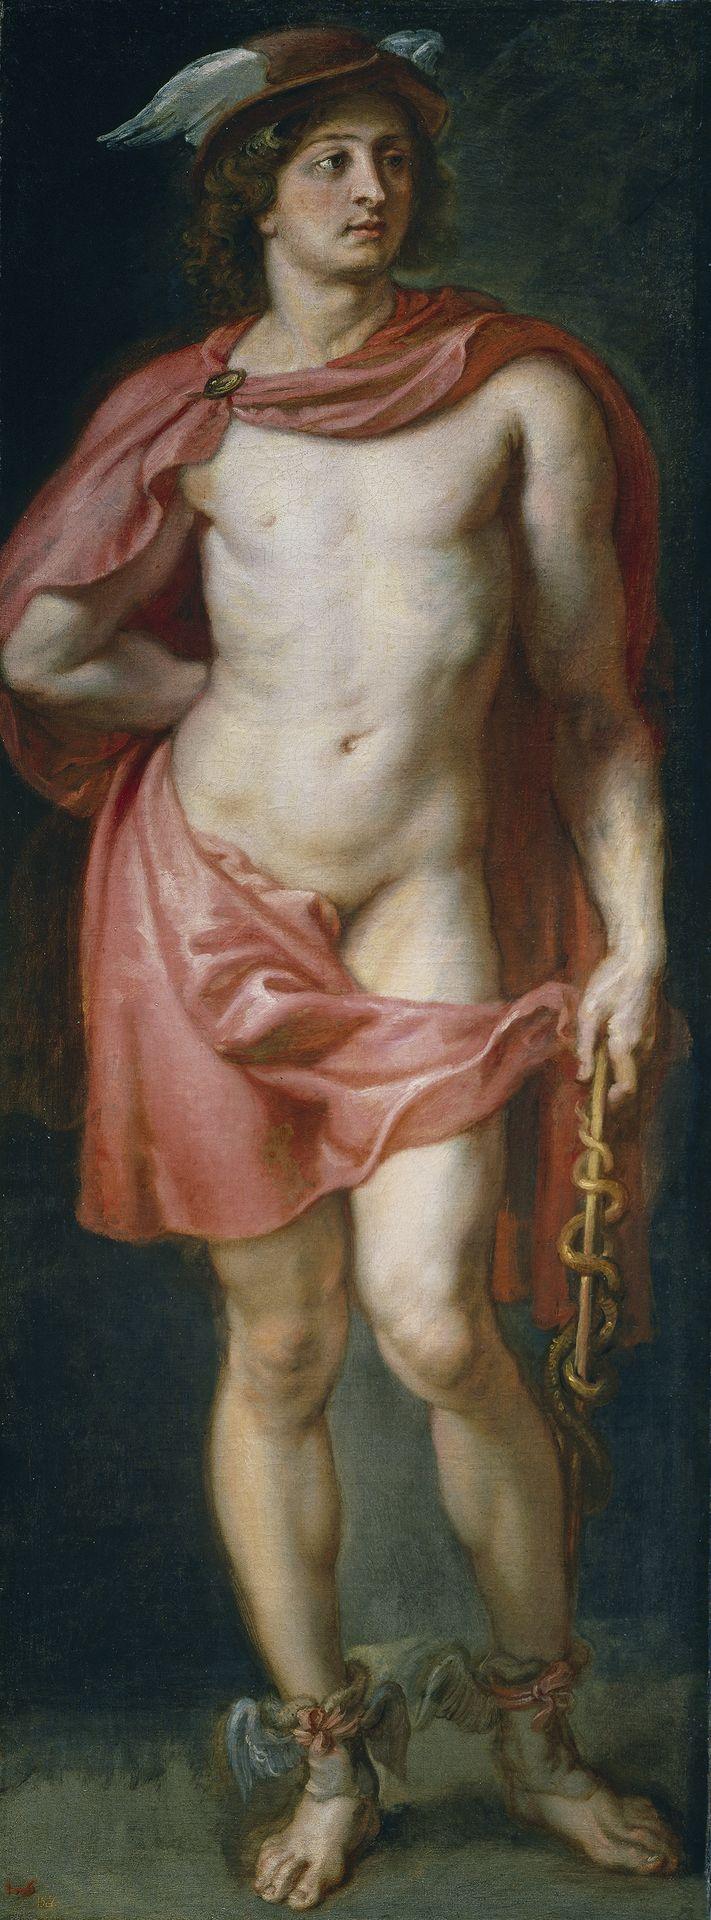 Resultado de imagen de rubens 1636